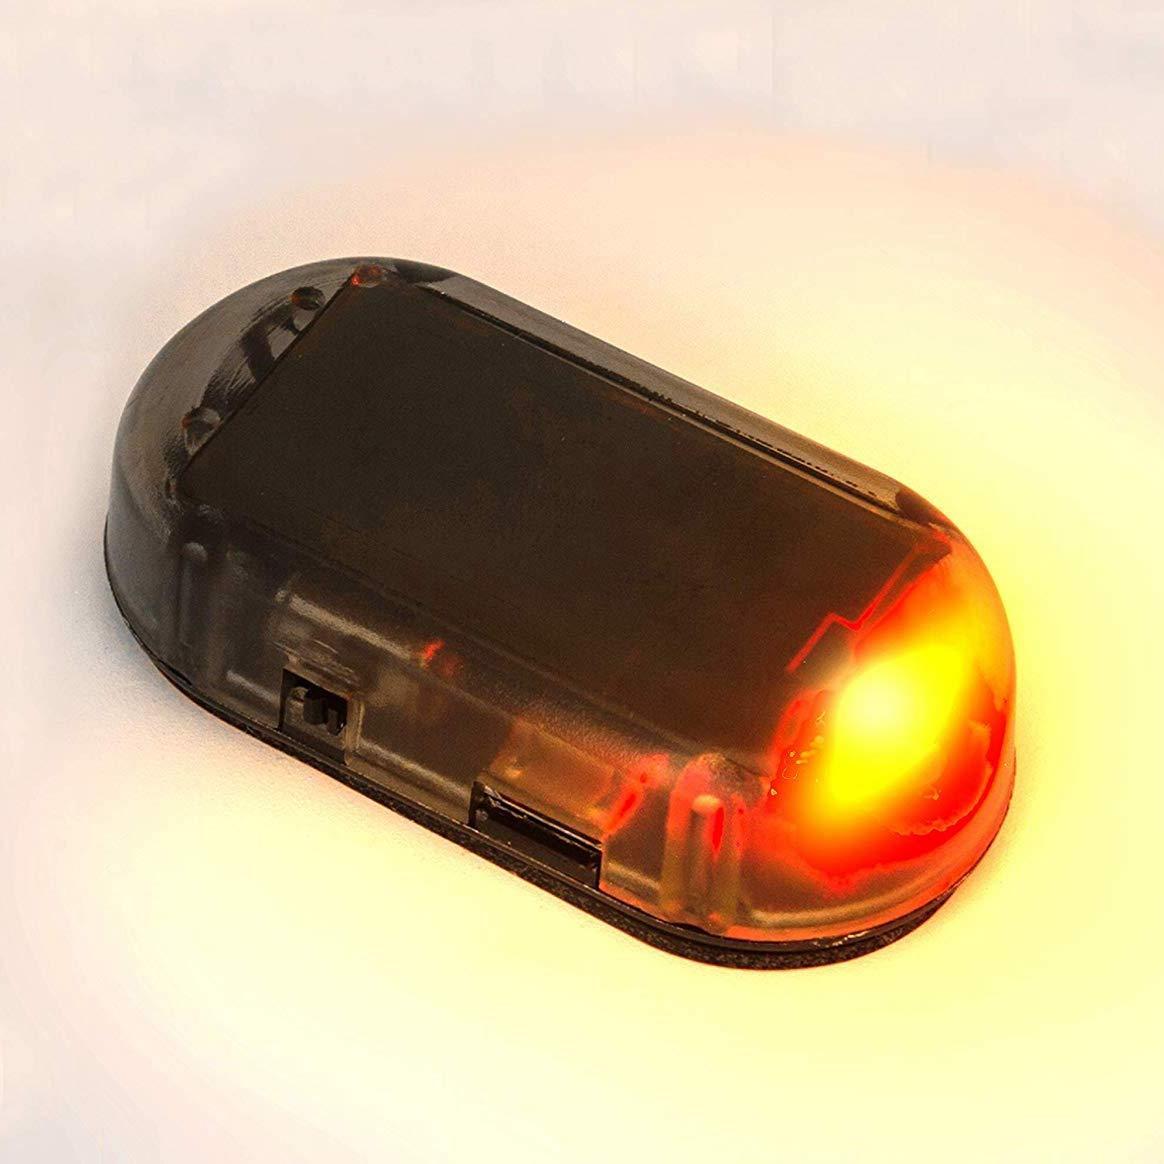 Cikuso Auto Solar Power Simulato Allarme Fittizio Allarme Antifurto LED Lampeggiante Luce di Sicurezza Lampada Falsa Blu